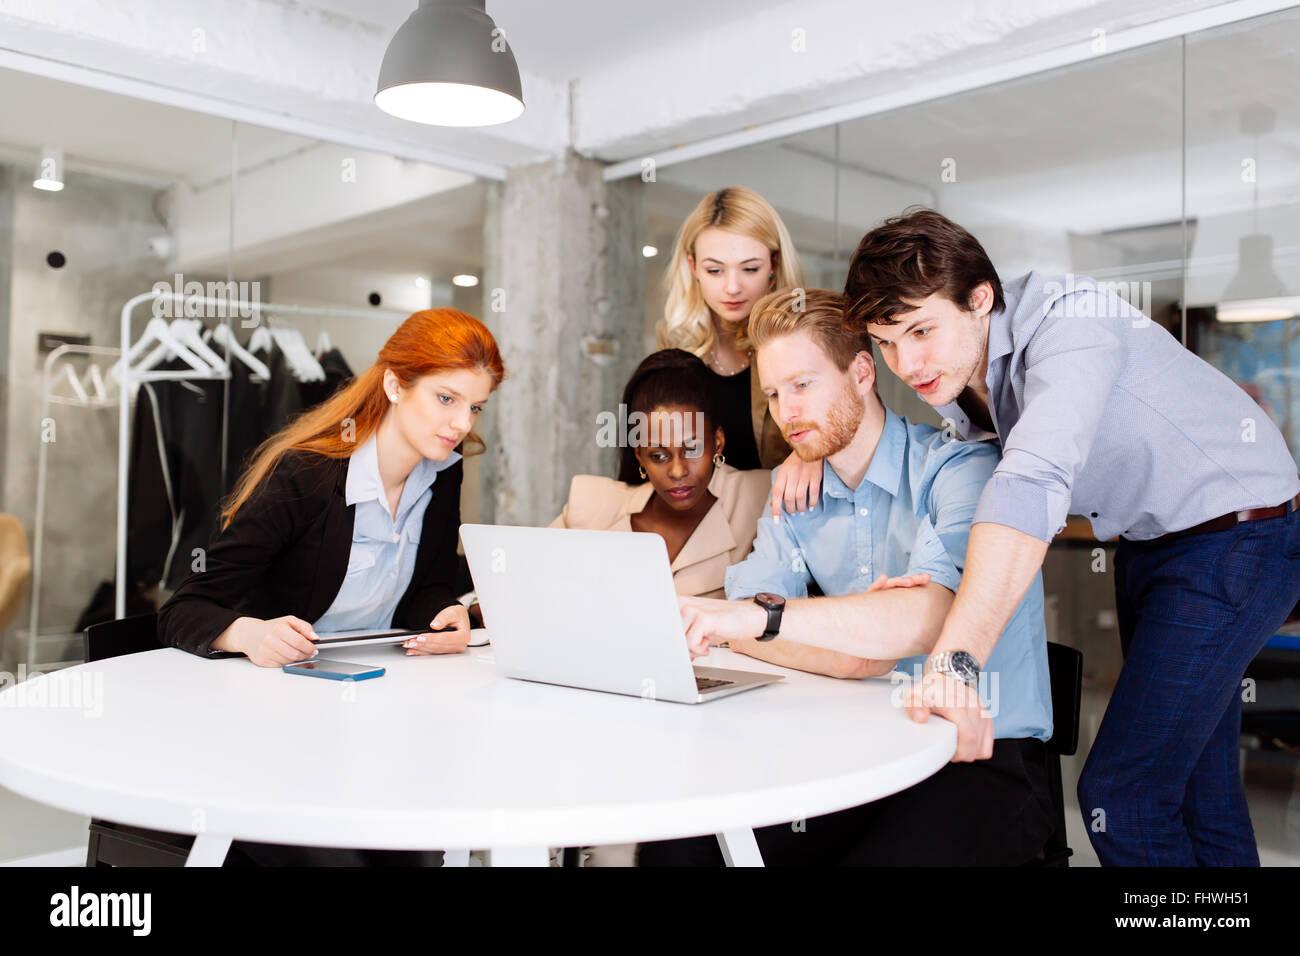 Kreative Unternehmer und Designer Brainstorming in einem modernen Büro Stockbild